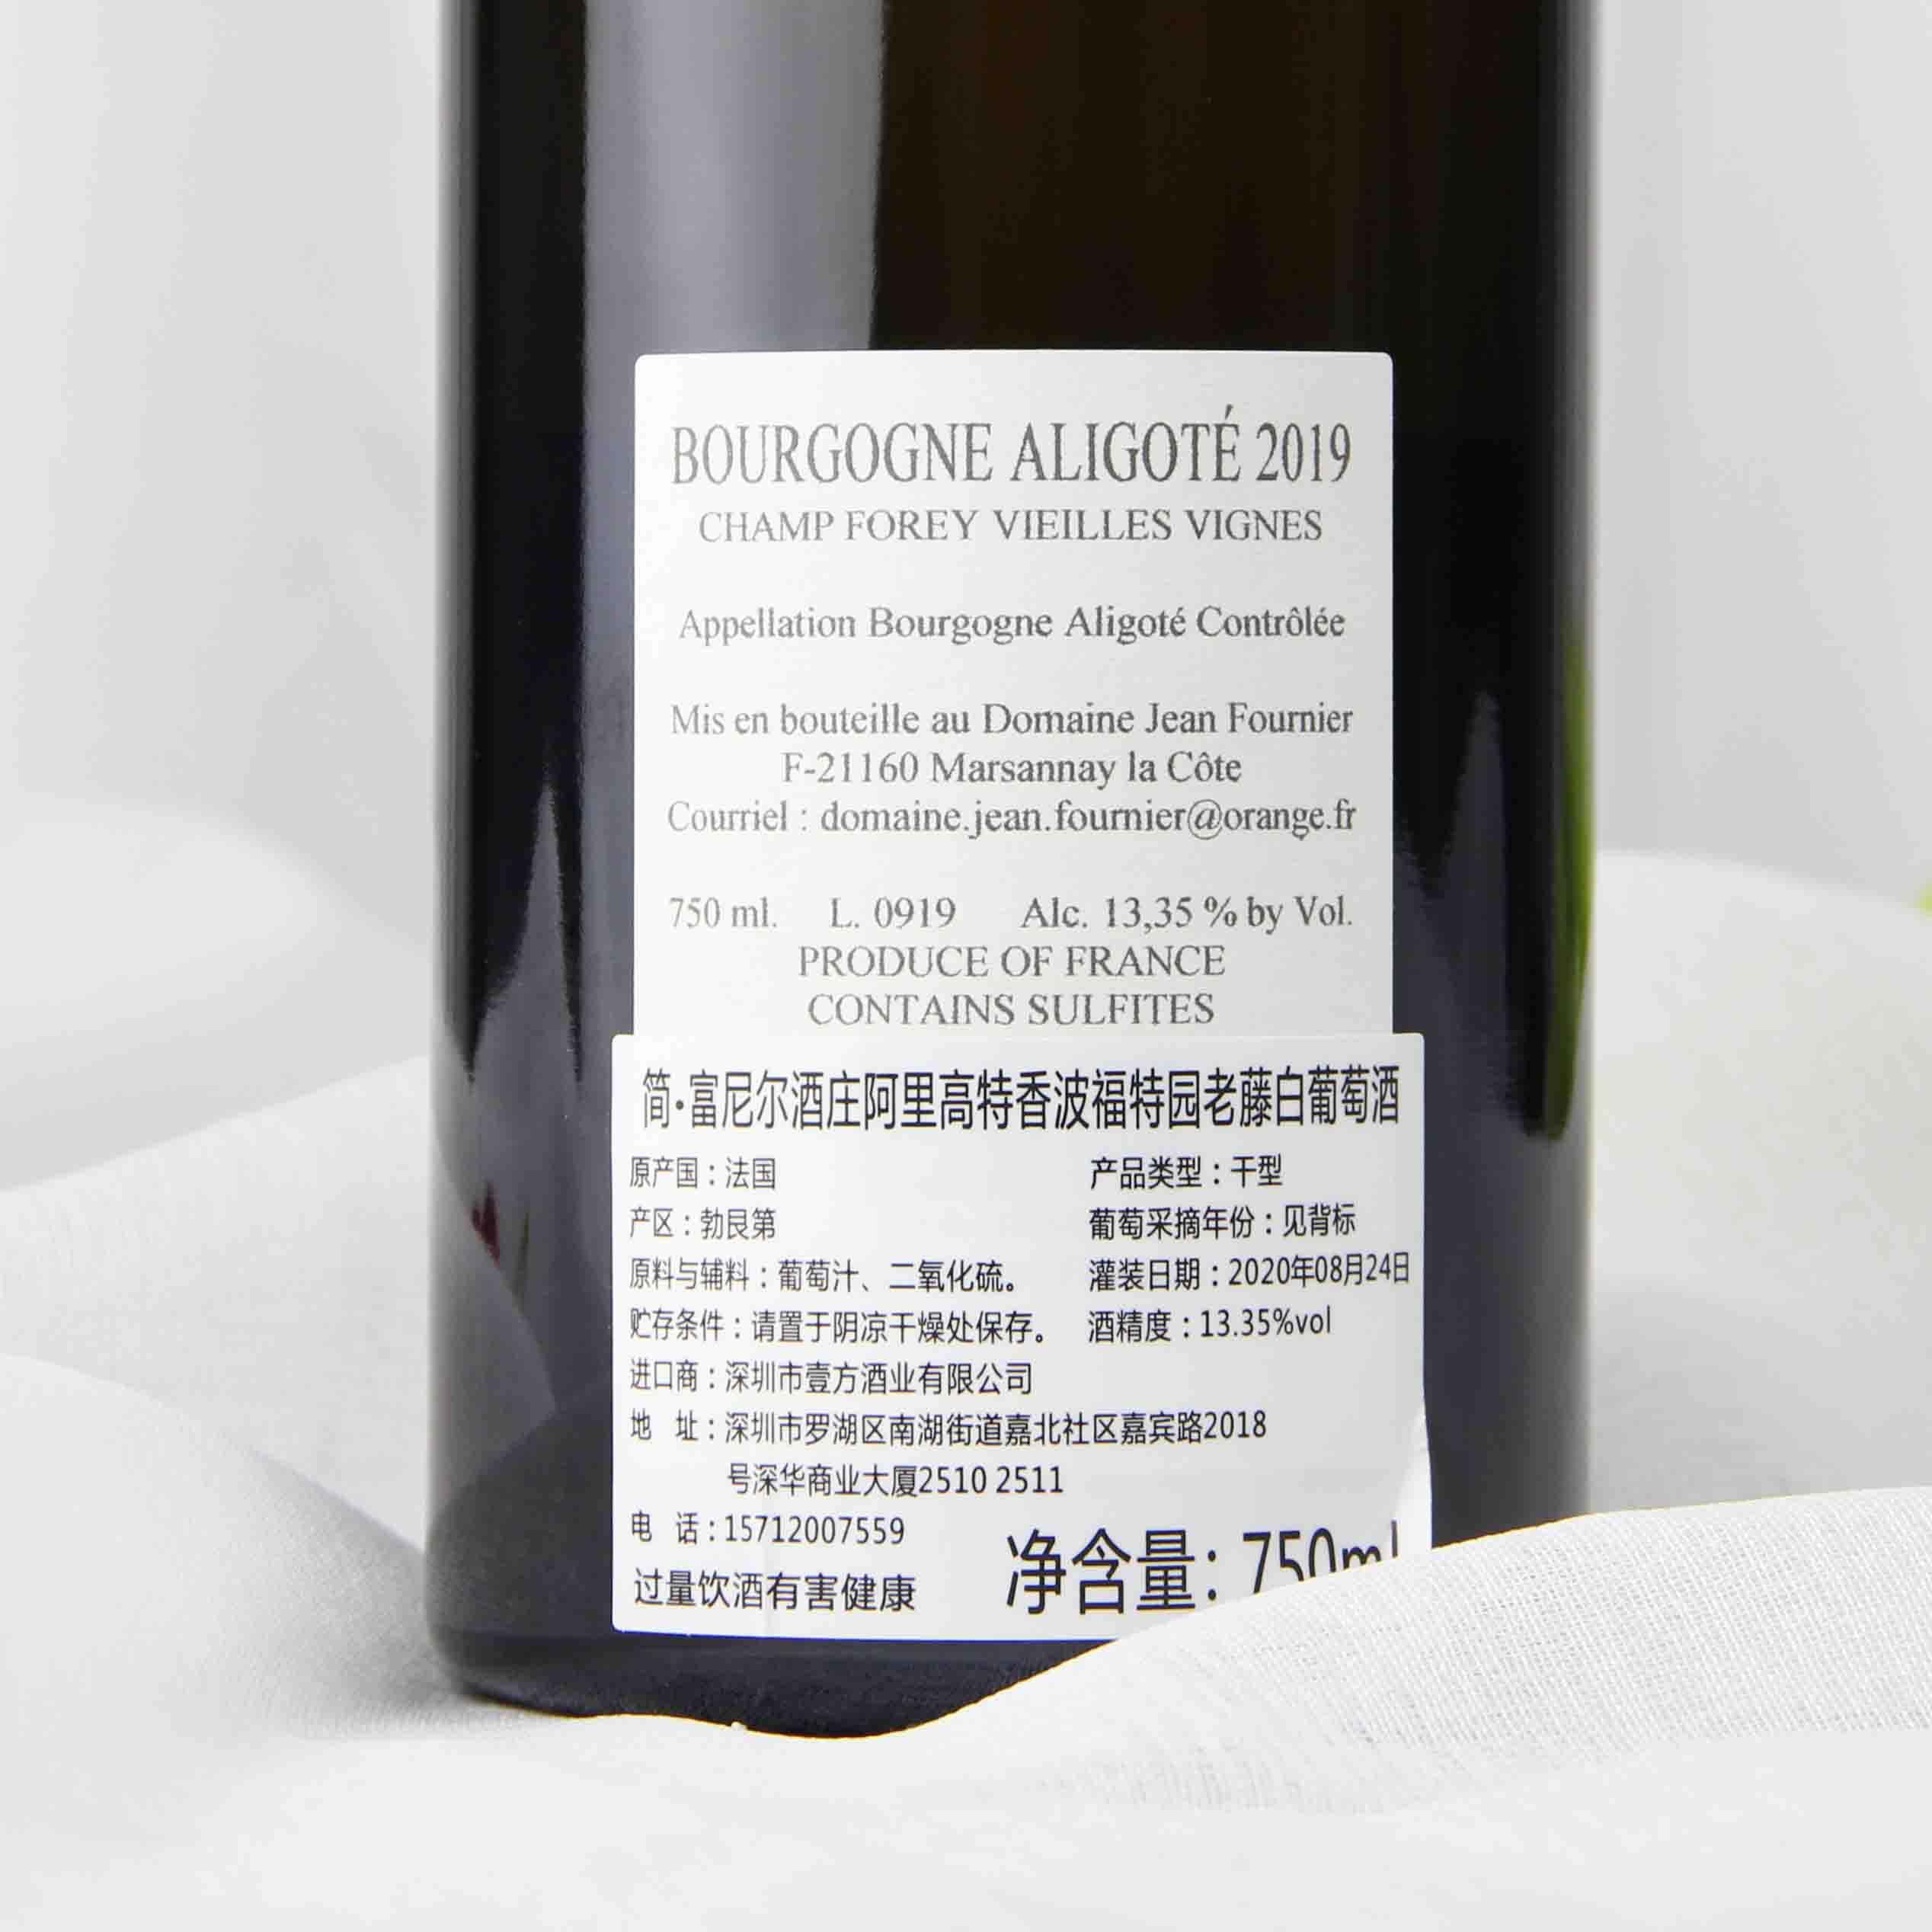 法国勃艮第简富尼尔阿里高特 香波福特园老藤 大区白葡萄酒